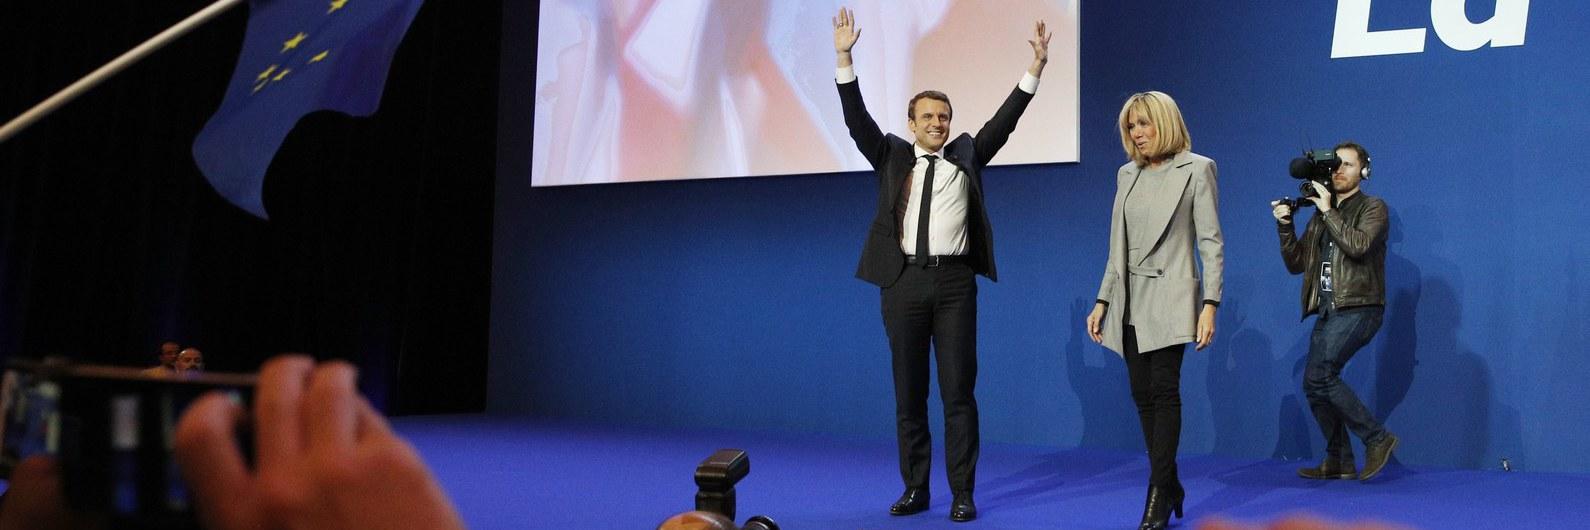 França/Sondagens: Macron ganhará segunda volta e será o novo Presidente com mais de 60% dos votos